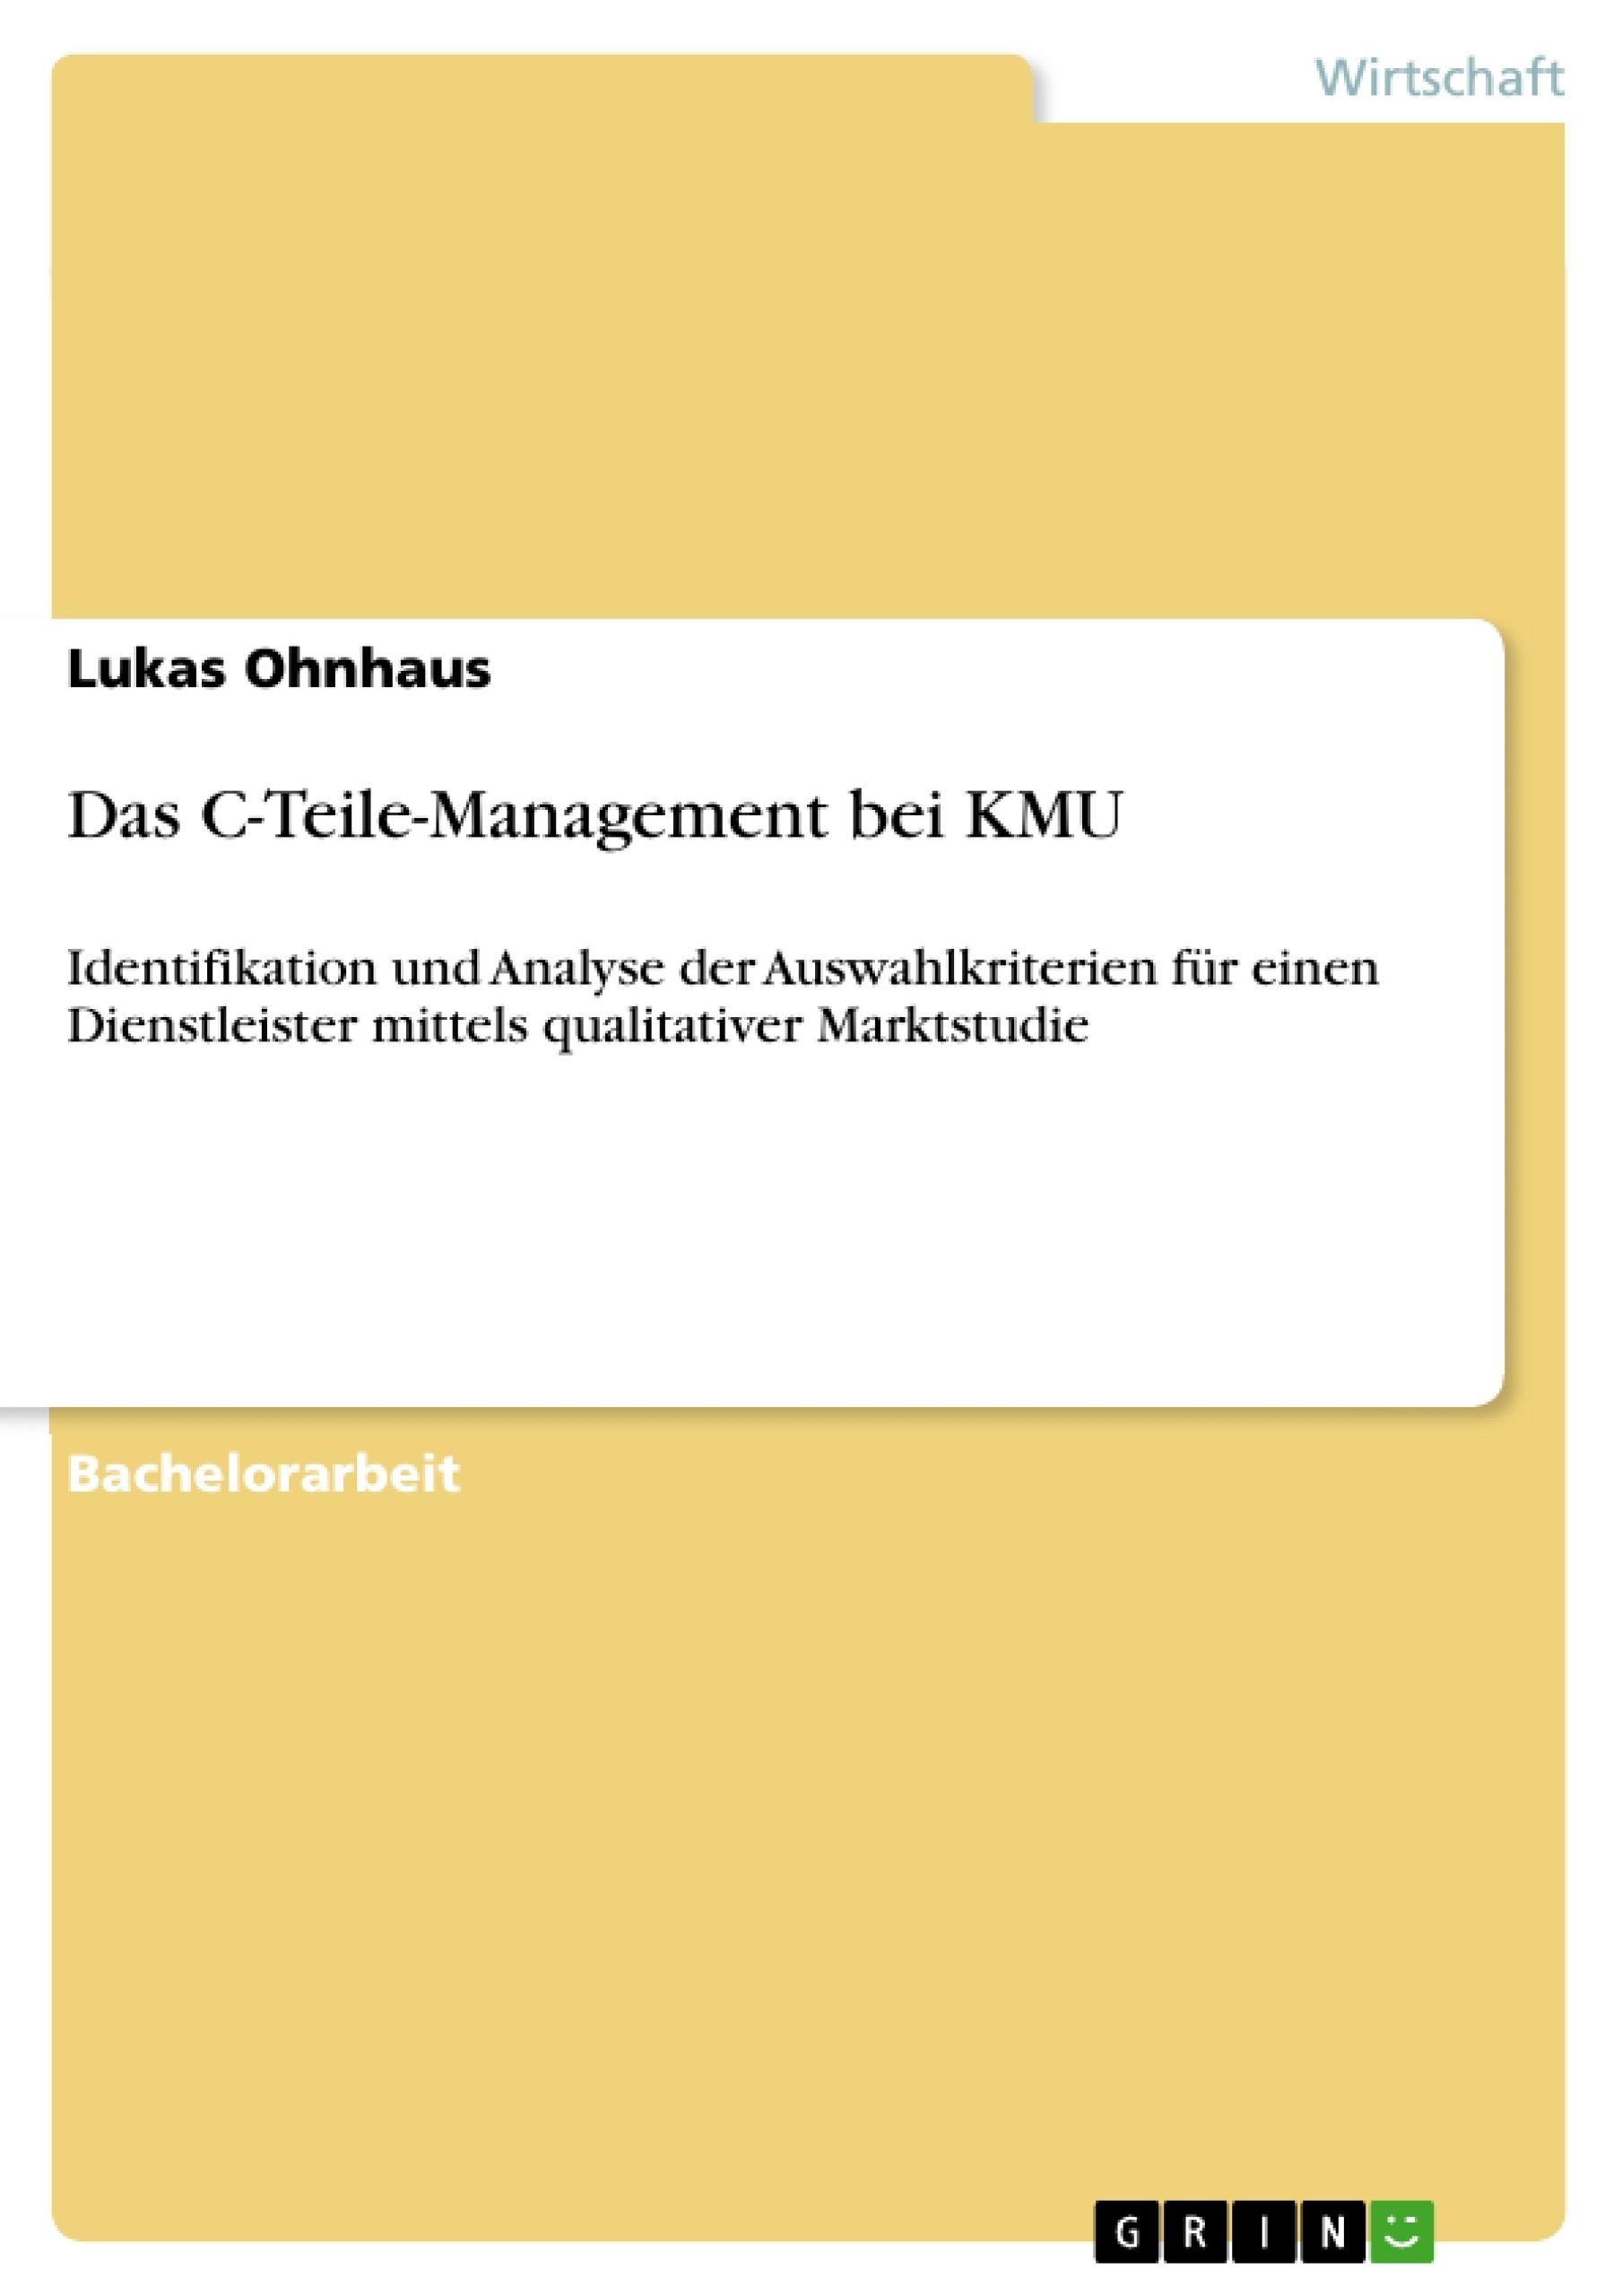 Titel: Das C-Teile-Management bei KMU